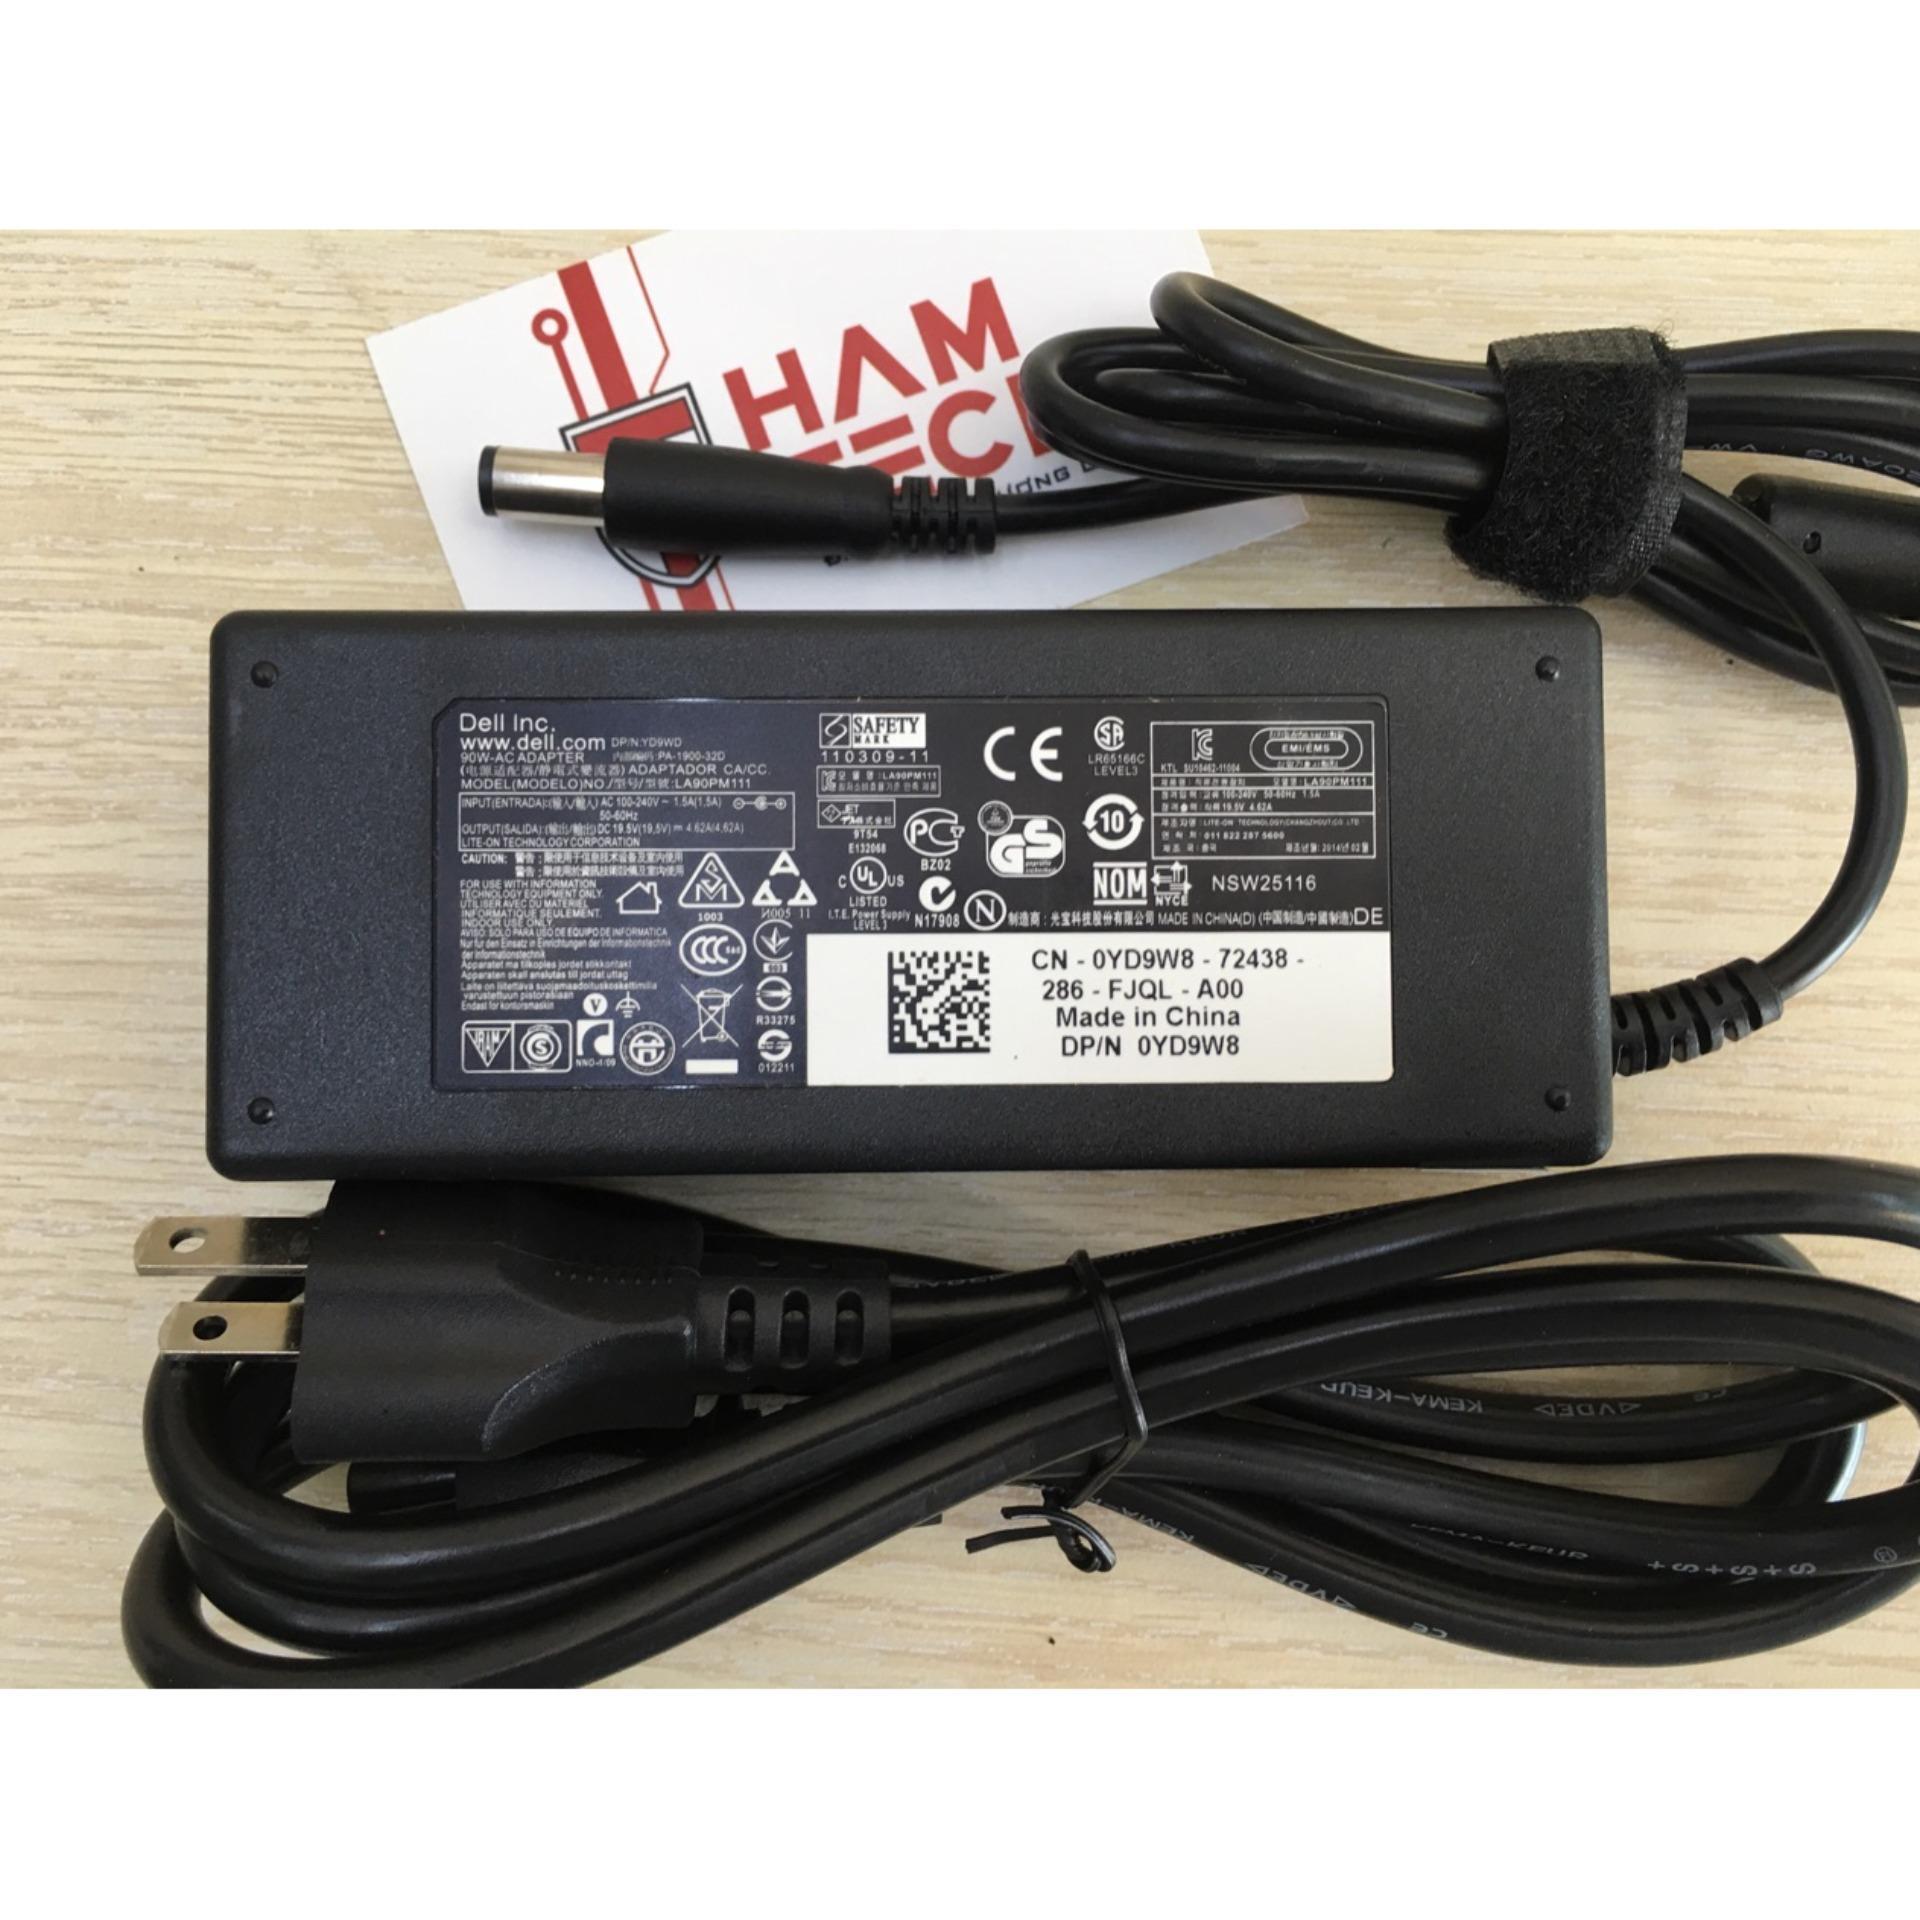 Sạc laptop dell 19.5V-4.62A Đầu Kim Lớn